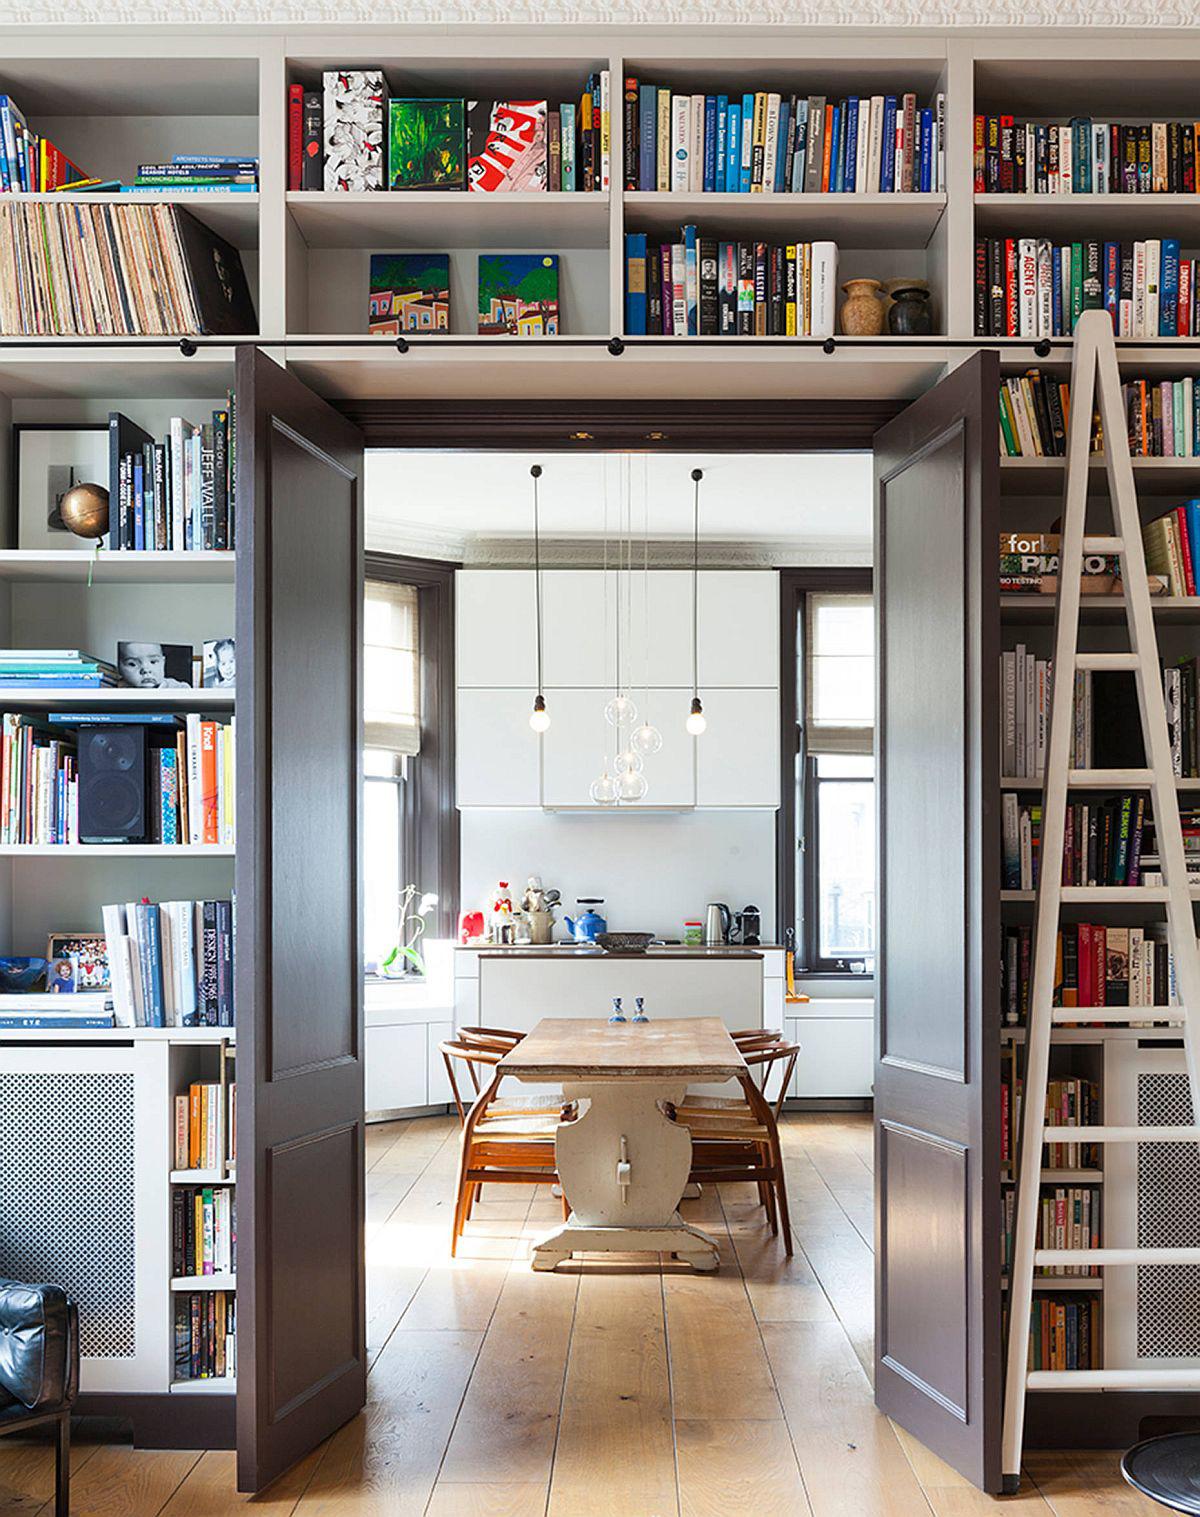 Tối đa hóa không gian trong ngôi nhà của bạn cực bắt mắt với kệ tích hợp thông minh xung quanh ô cửa - Ảnh 7.